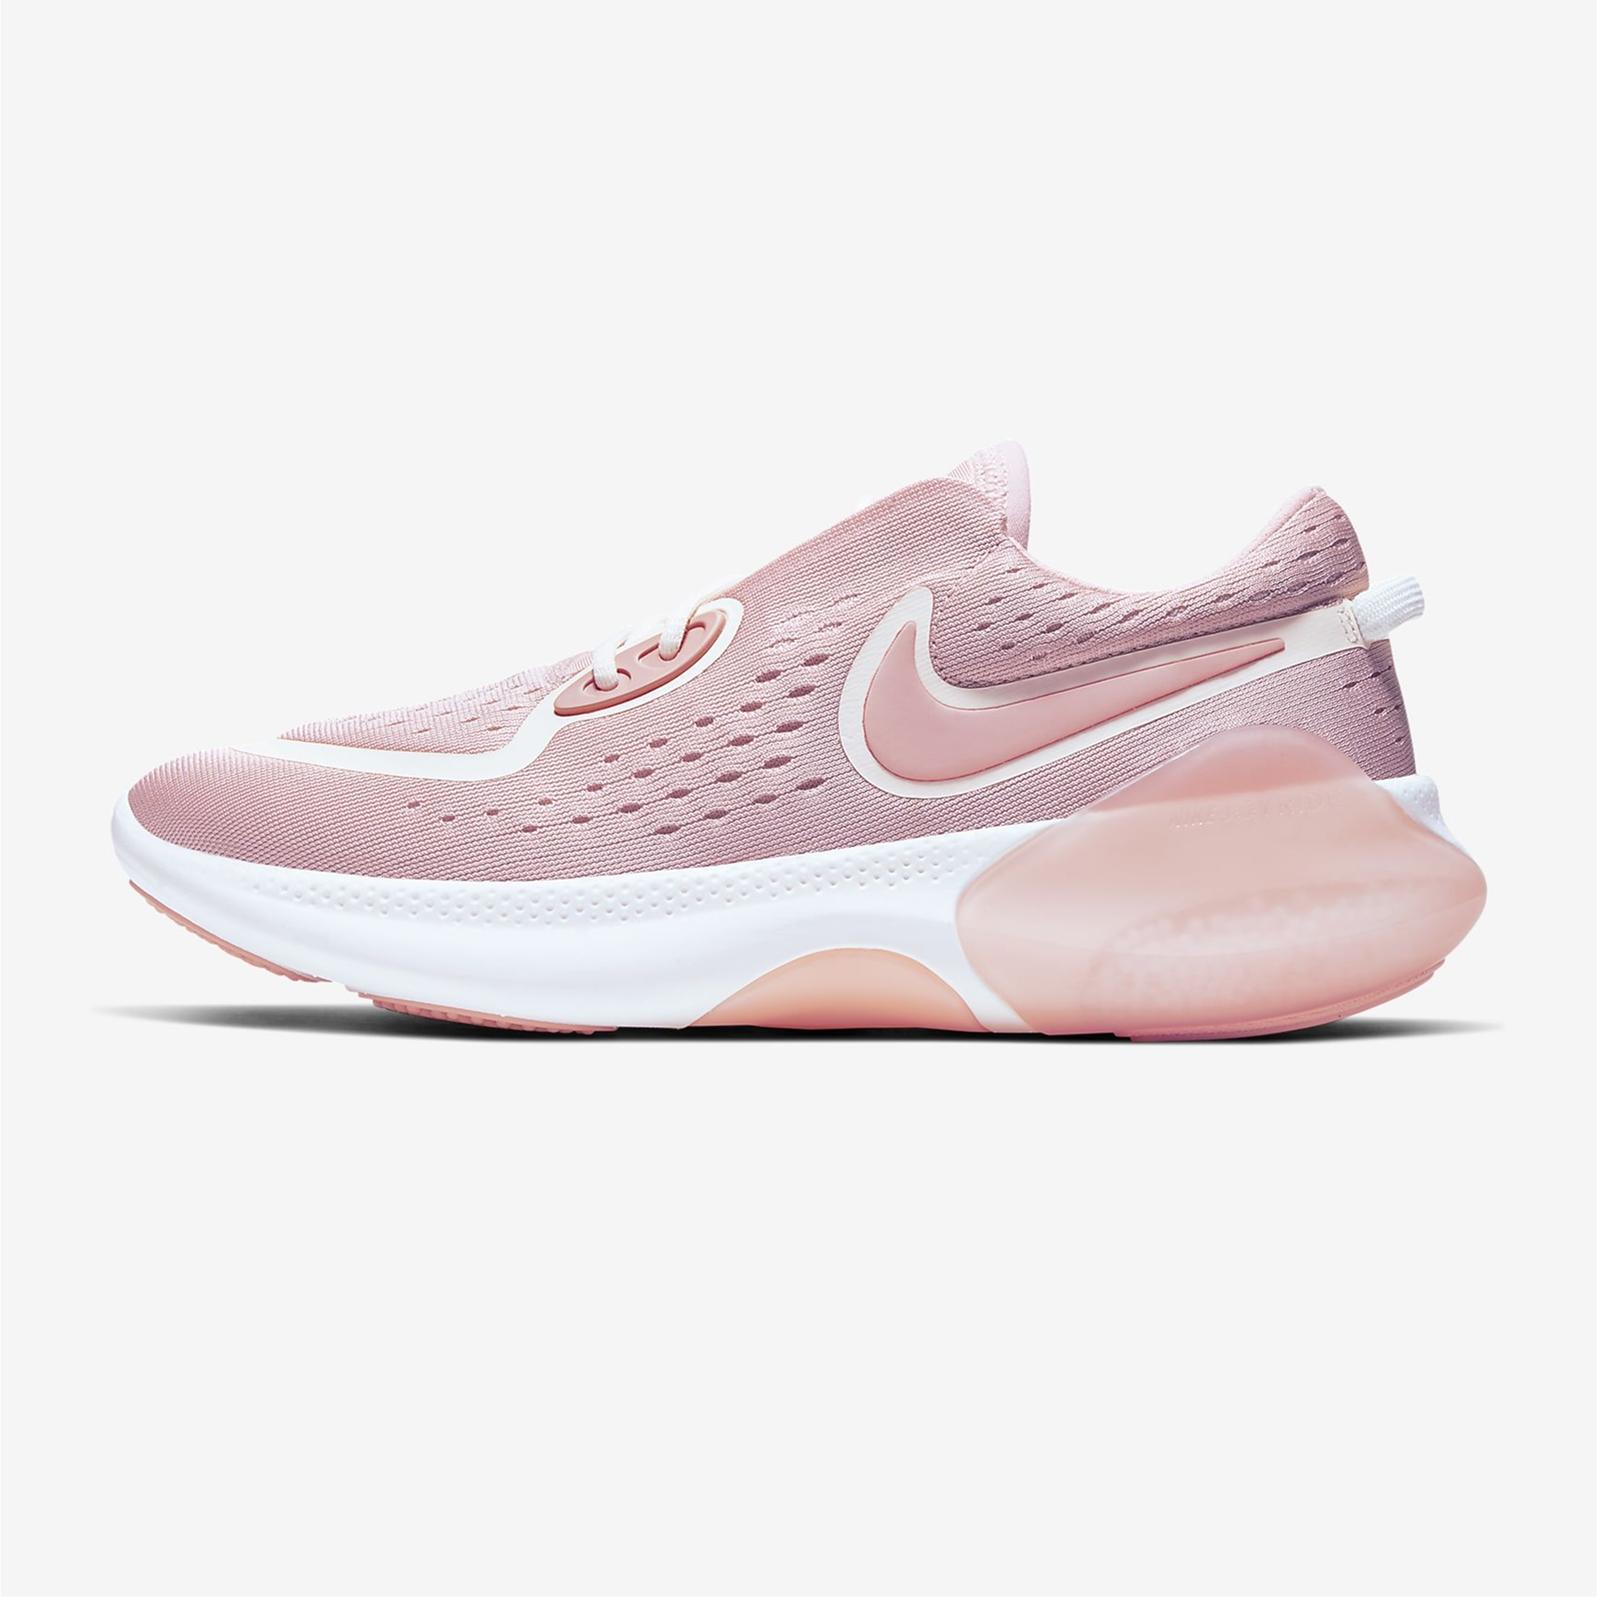 Nike 耐克 Joyride Dual Run 珊瑚粉色運動鞋